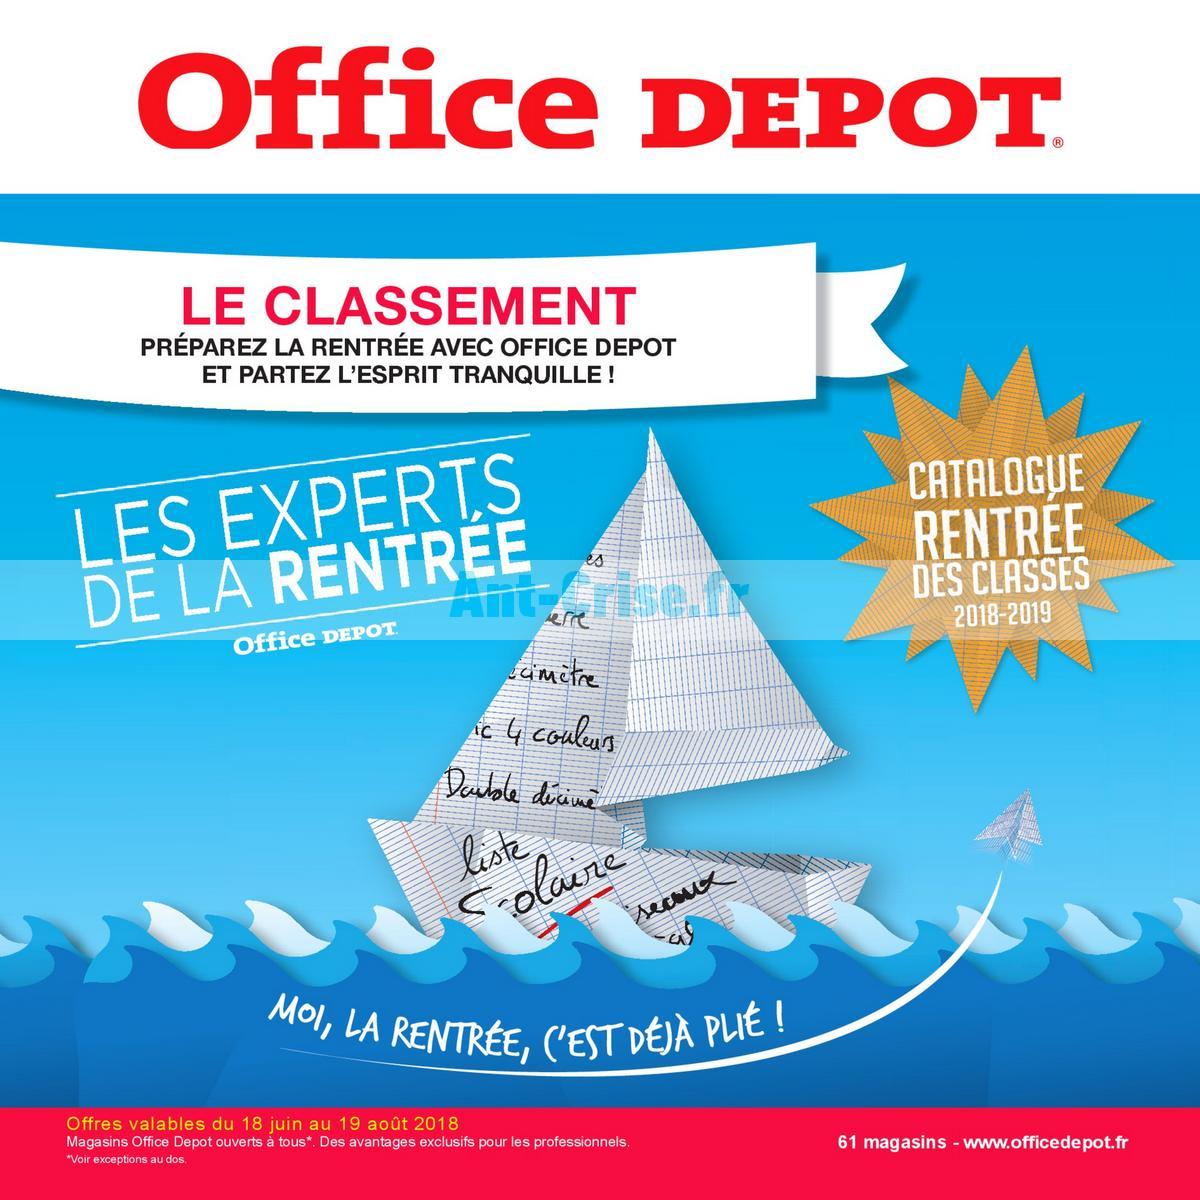 aout2018 Catalogue Office Dépôt du 18 juin au 19 août 2018 (Classement) (1)